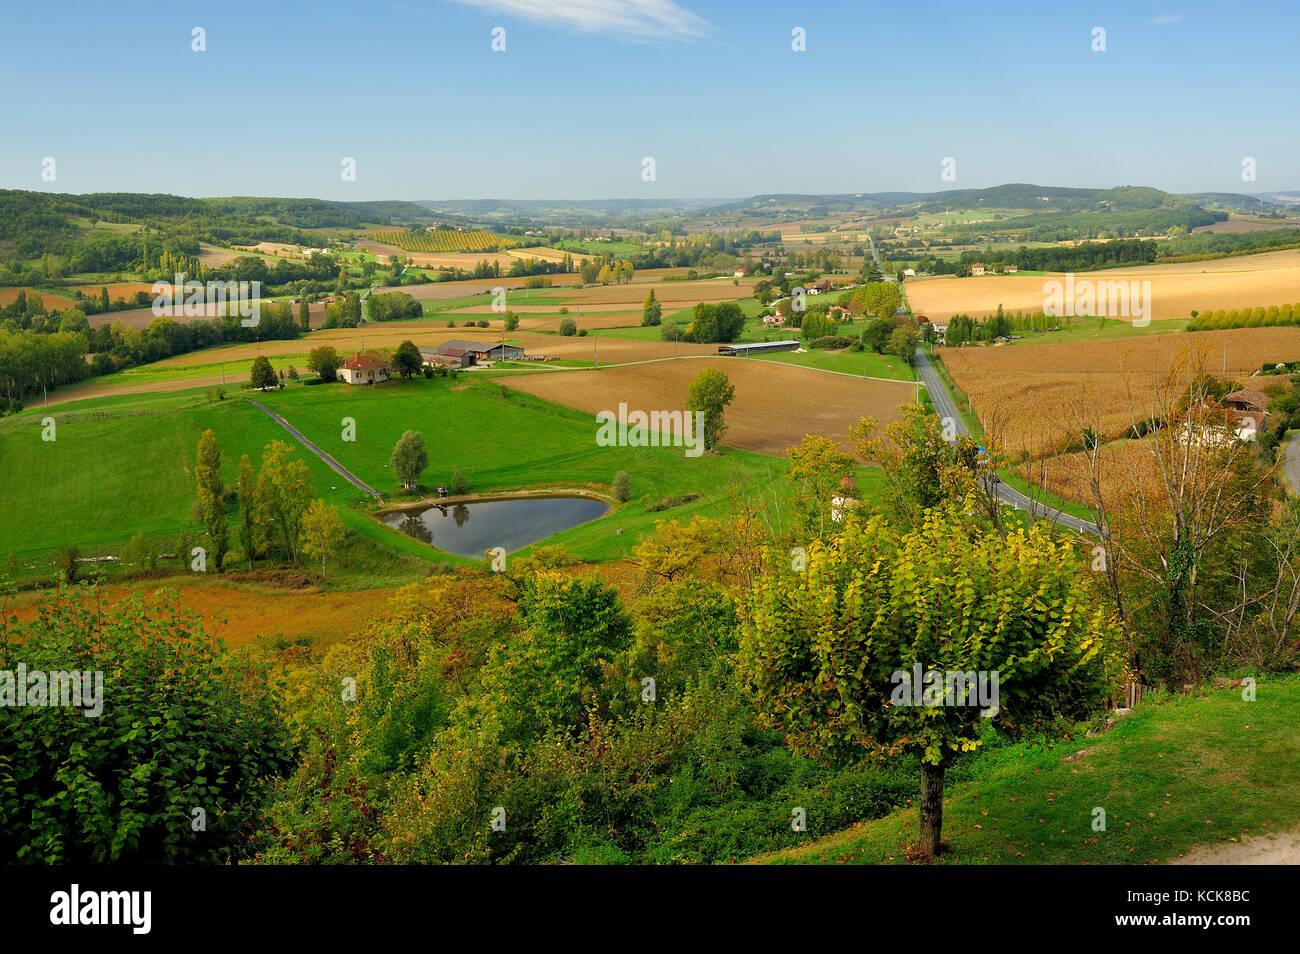 view west along Highway D661 from Tournon d'Agenais, Lot-et-Garonne Department, Aquitaine, France Stock Photo